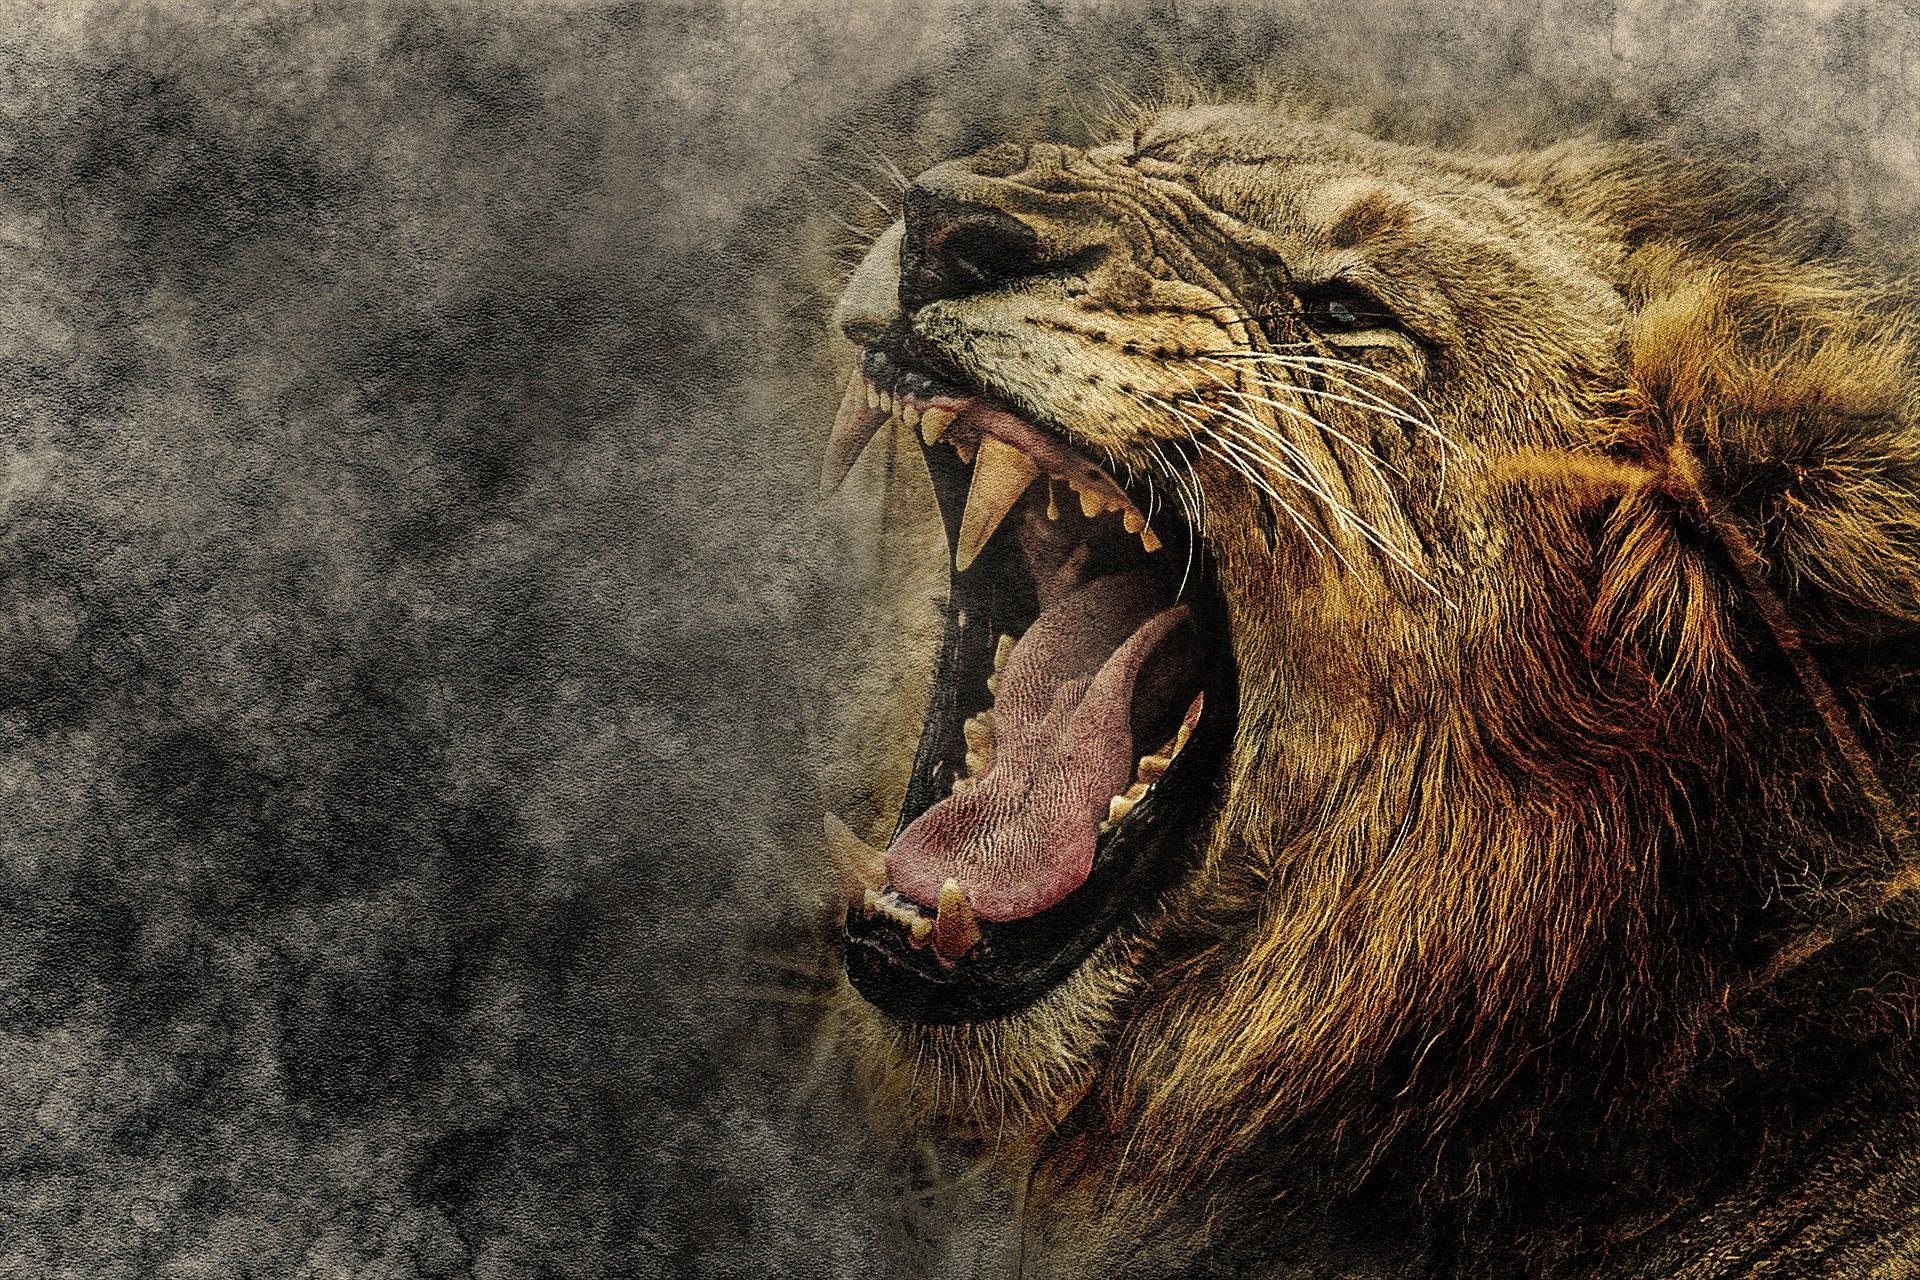 レオン, 餓狼伝説, ネコ科の動物, プレデター, 牙, 轟音 - HD の壁紙 - 教授-falken.com